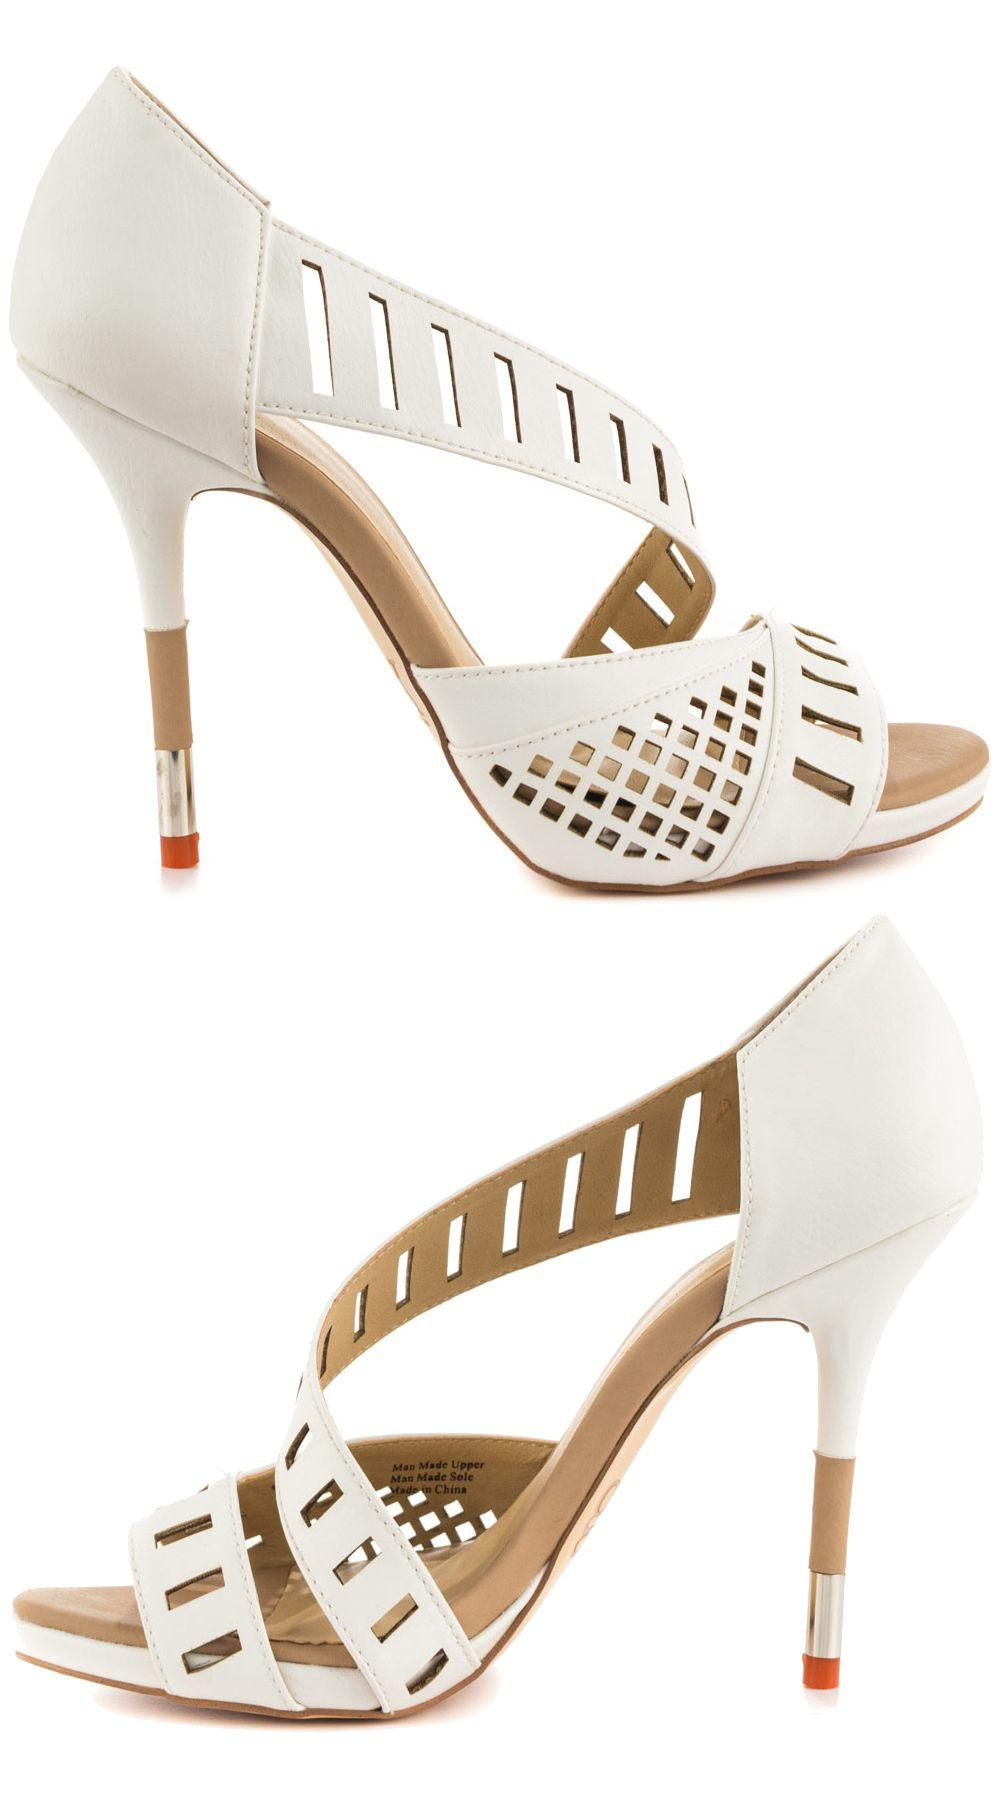 GX by Gwen Stefani : Adler - White Mat